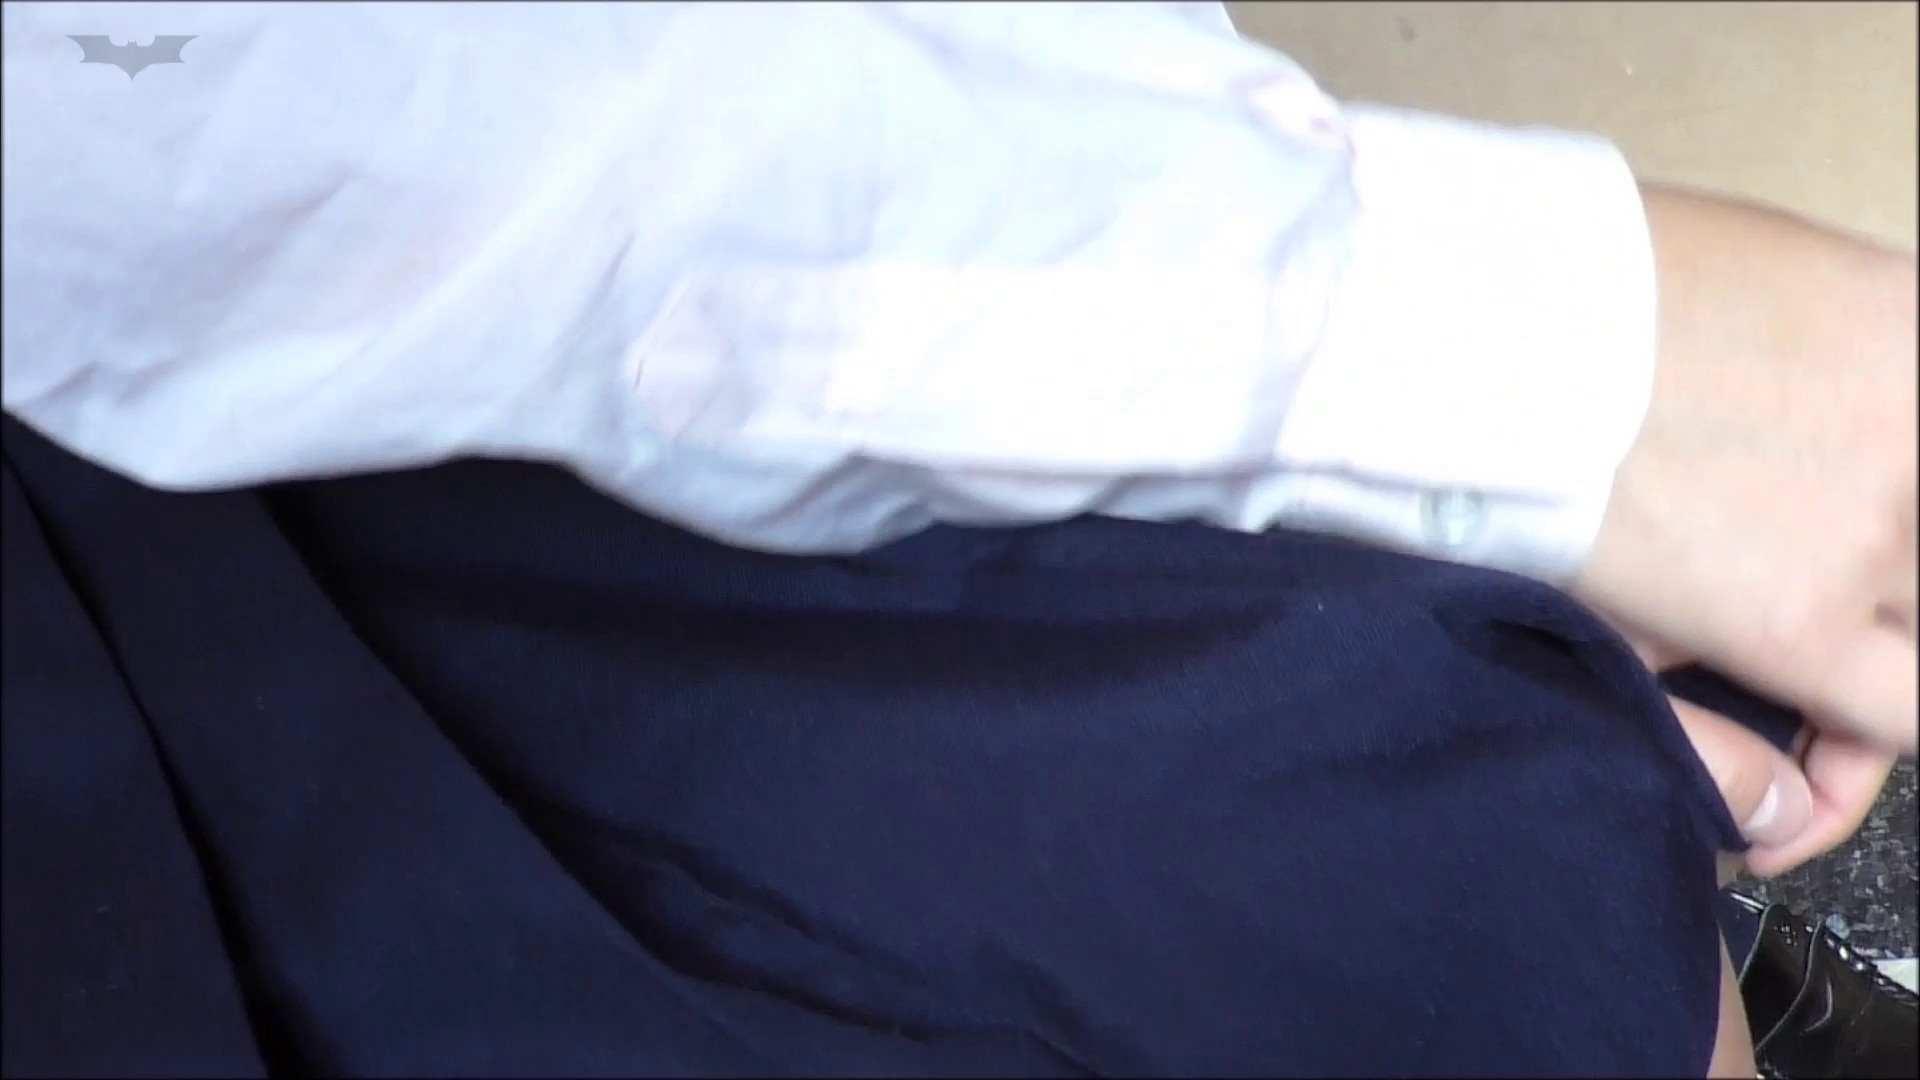 パンツを売る女 Vol.05 なんだかんだホテルに連れ込みバイブで。。。 バイブ | パンツ大放出  90pic 5